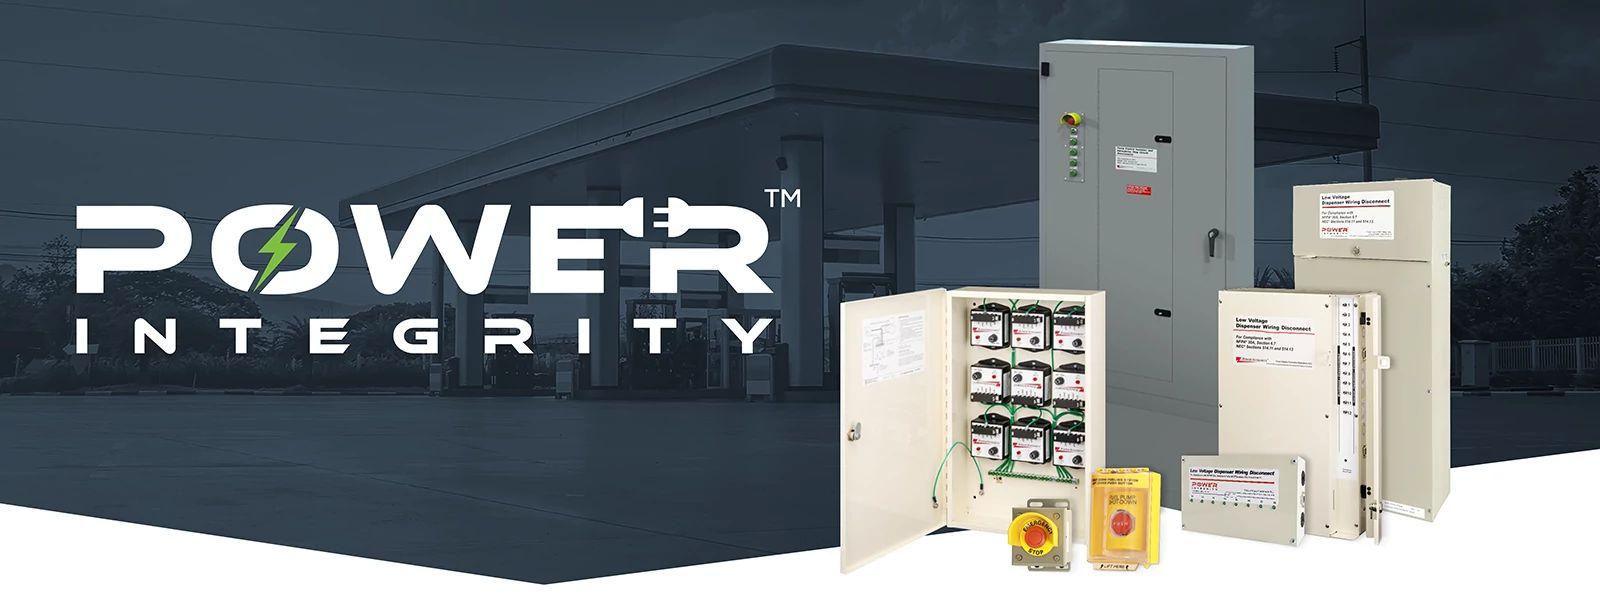 Landing Banner - Power Integrity IEC.png